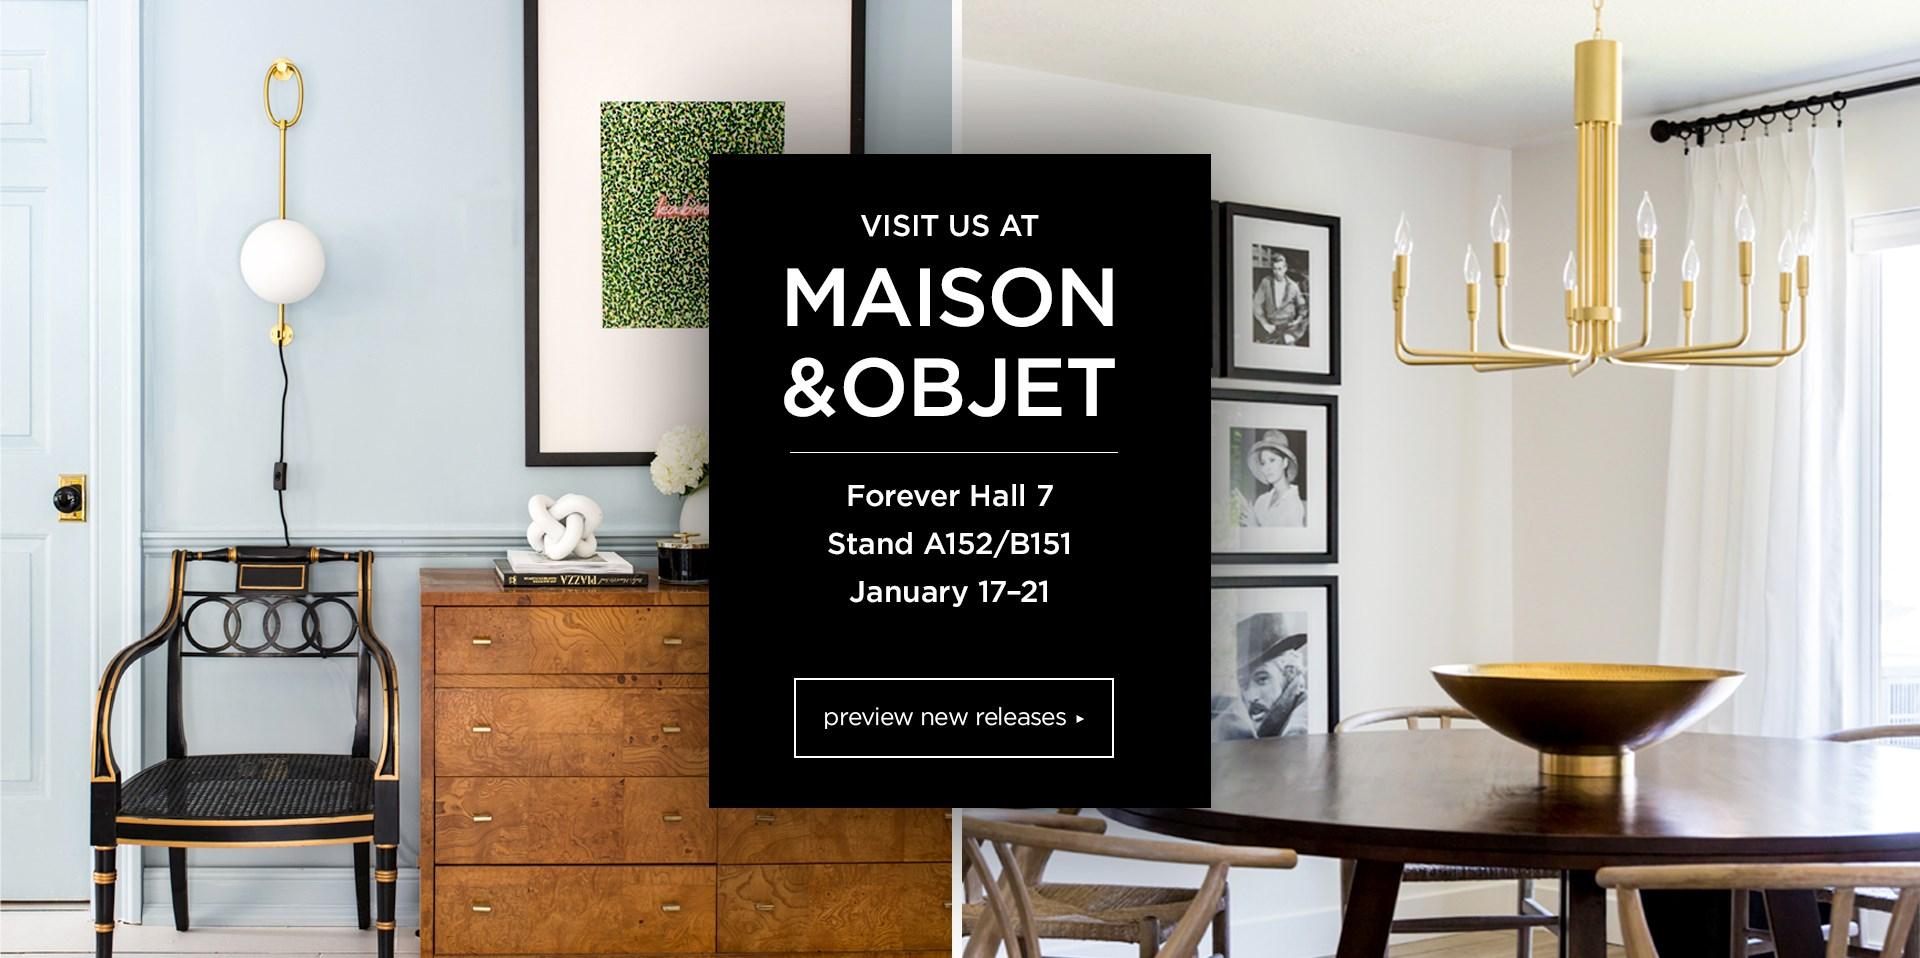 Visit Us as Maison & Objet